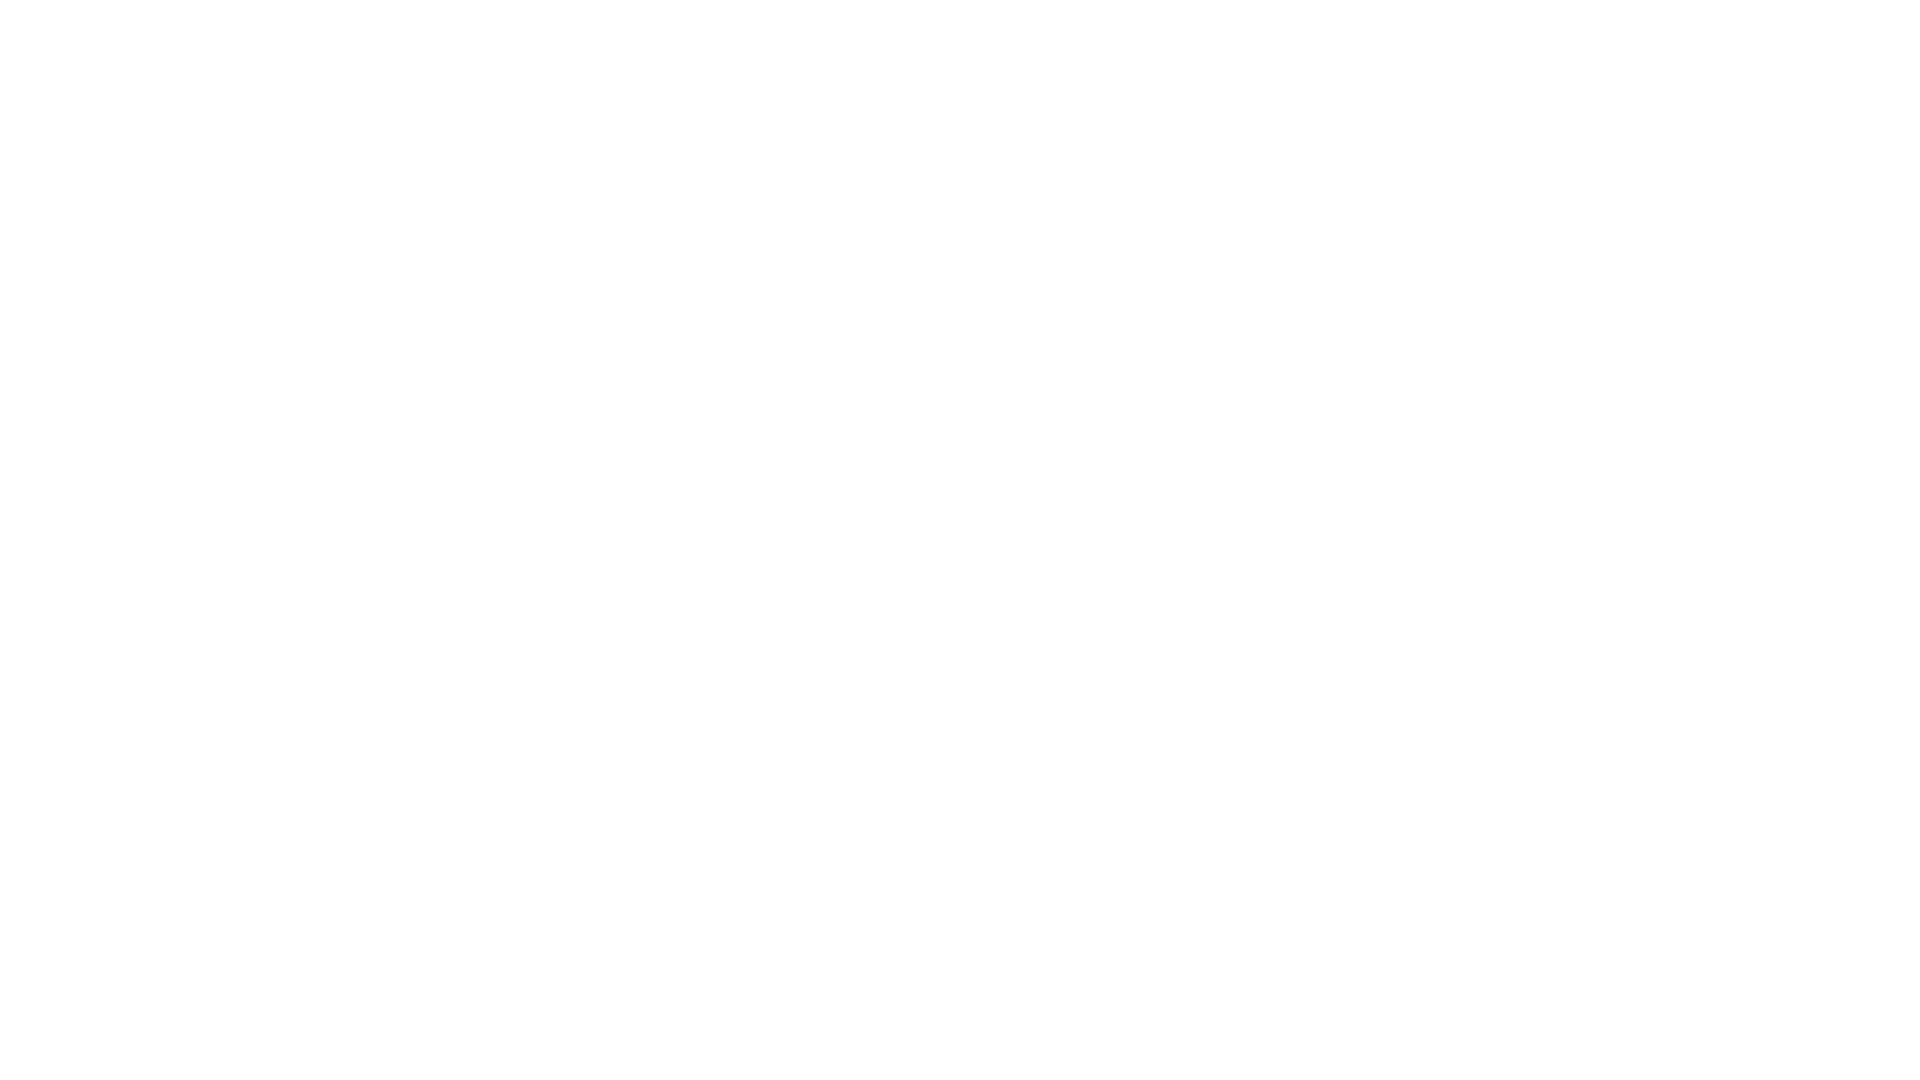 ※100個限定販売 至高下半身盗撮 プレミアム Vol.33 ハイビジョン お姉さんのSEX ワレメ動画紹介 93枚 35